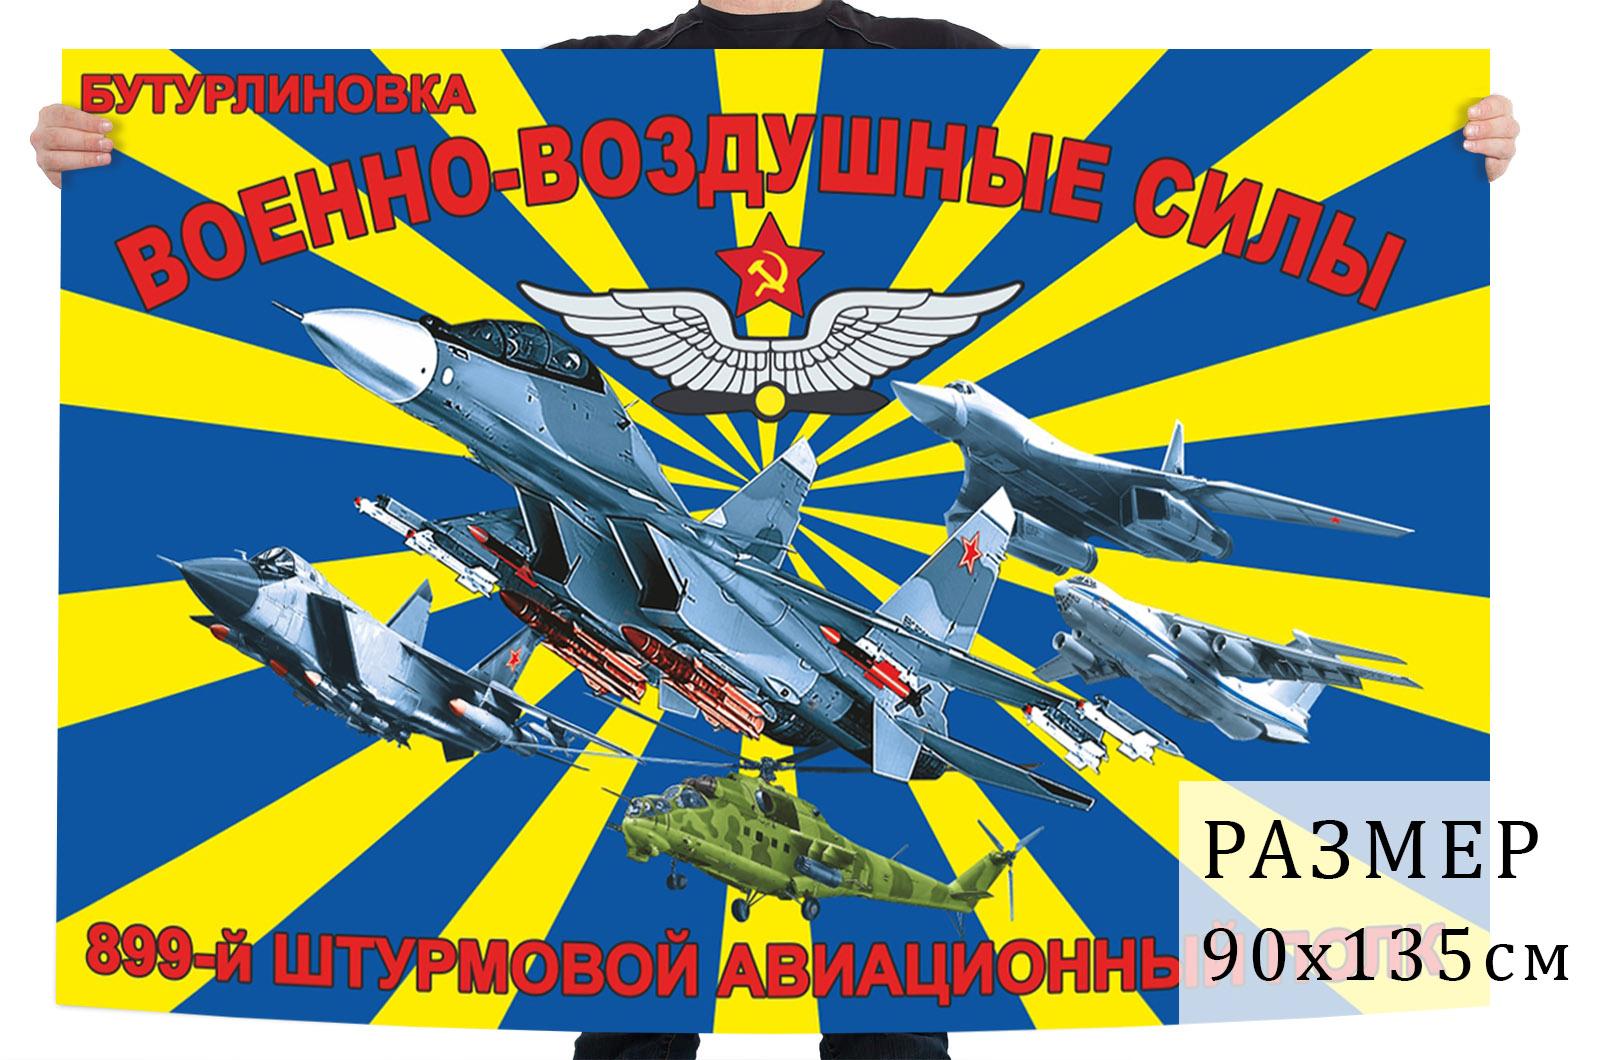 Флаг ВВС 899 штурмовой авиационный полк